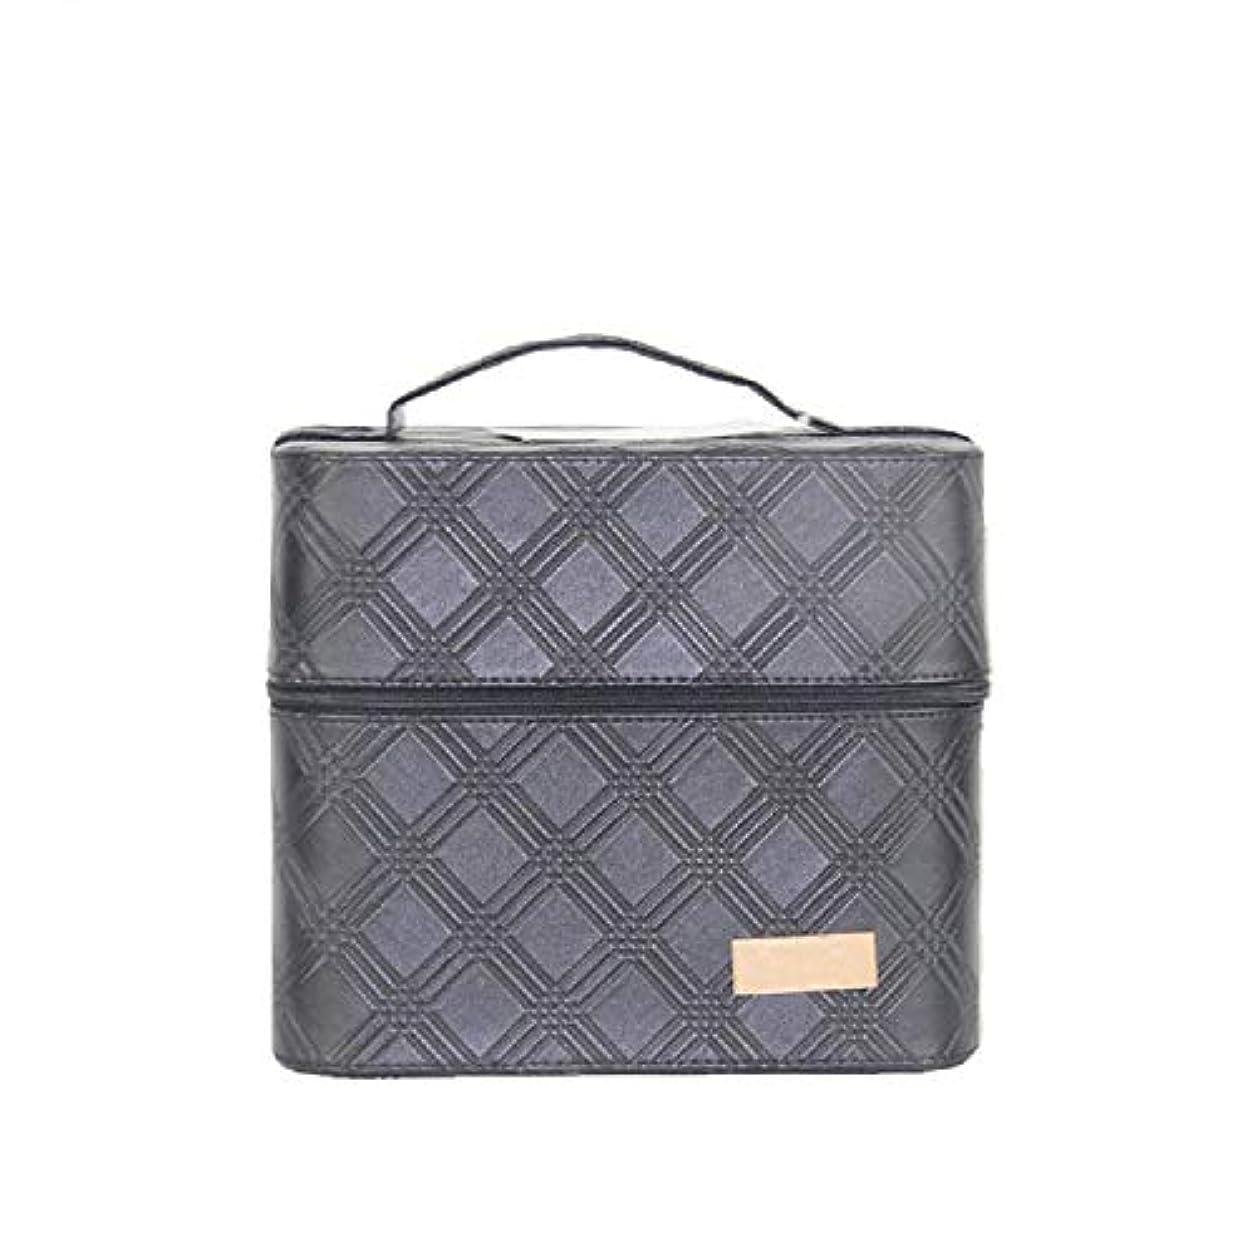 化粧オーガナイザーバッグ ジッパーと2つのトレイで小さなものの種類の旅行のための美容メイクアップのための黒のポータブル化粧品バッグ 化粧品ケース